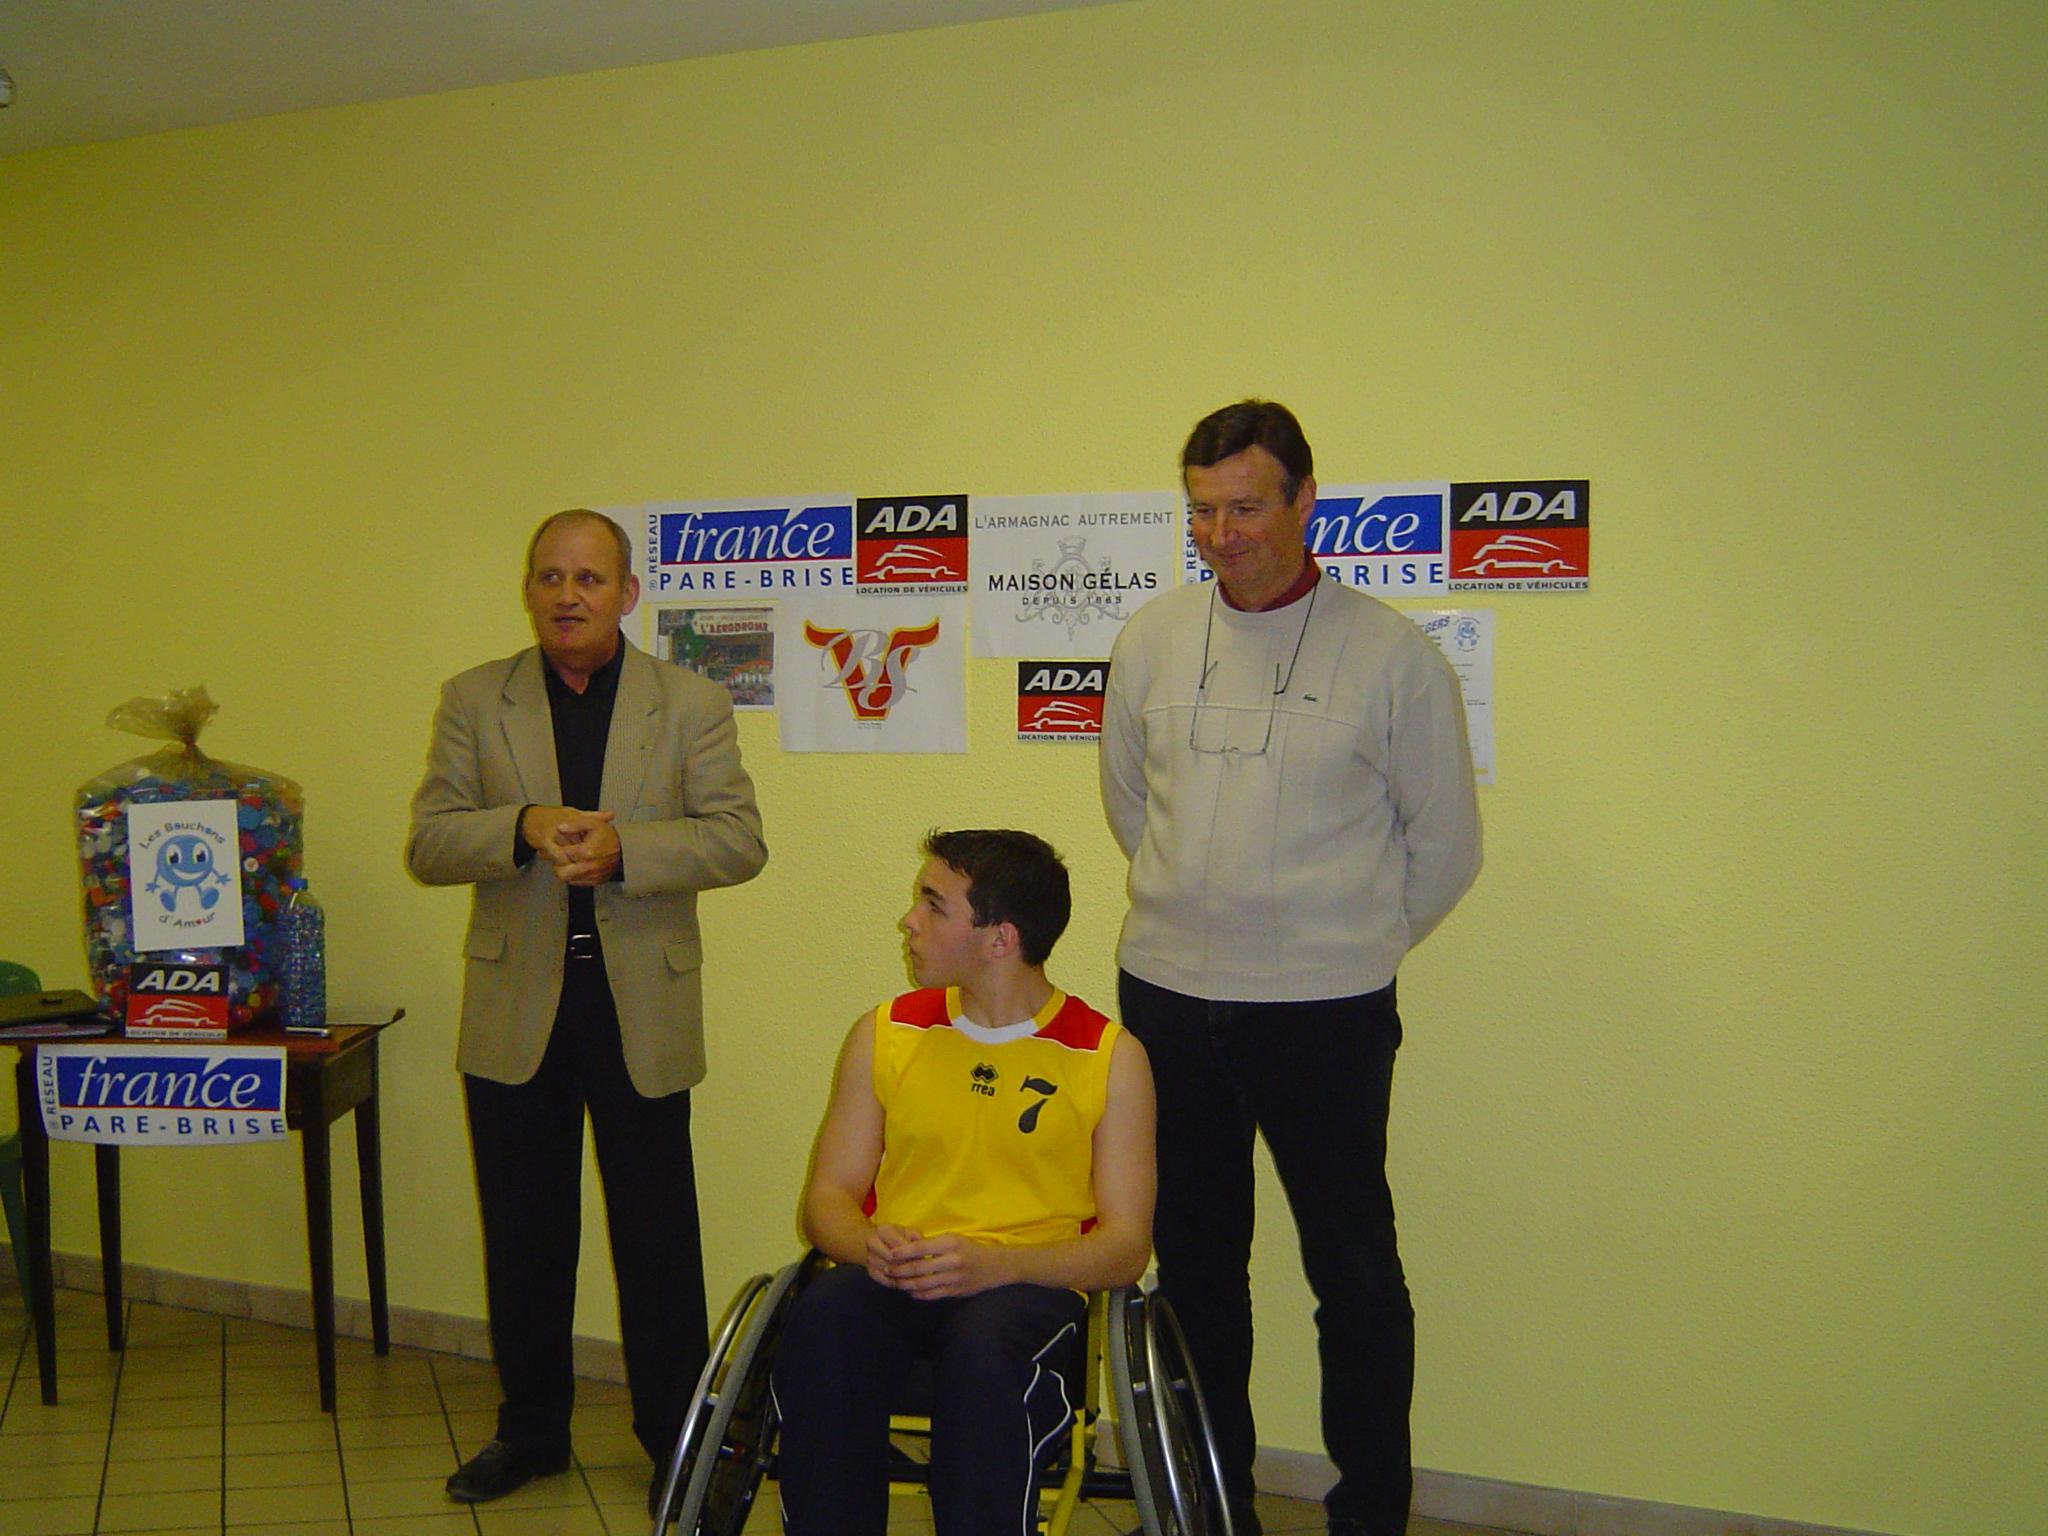 remise d'un fauteuil le 8 décembre 2007 à un joueur de basket fauteuil de Pavie